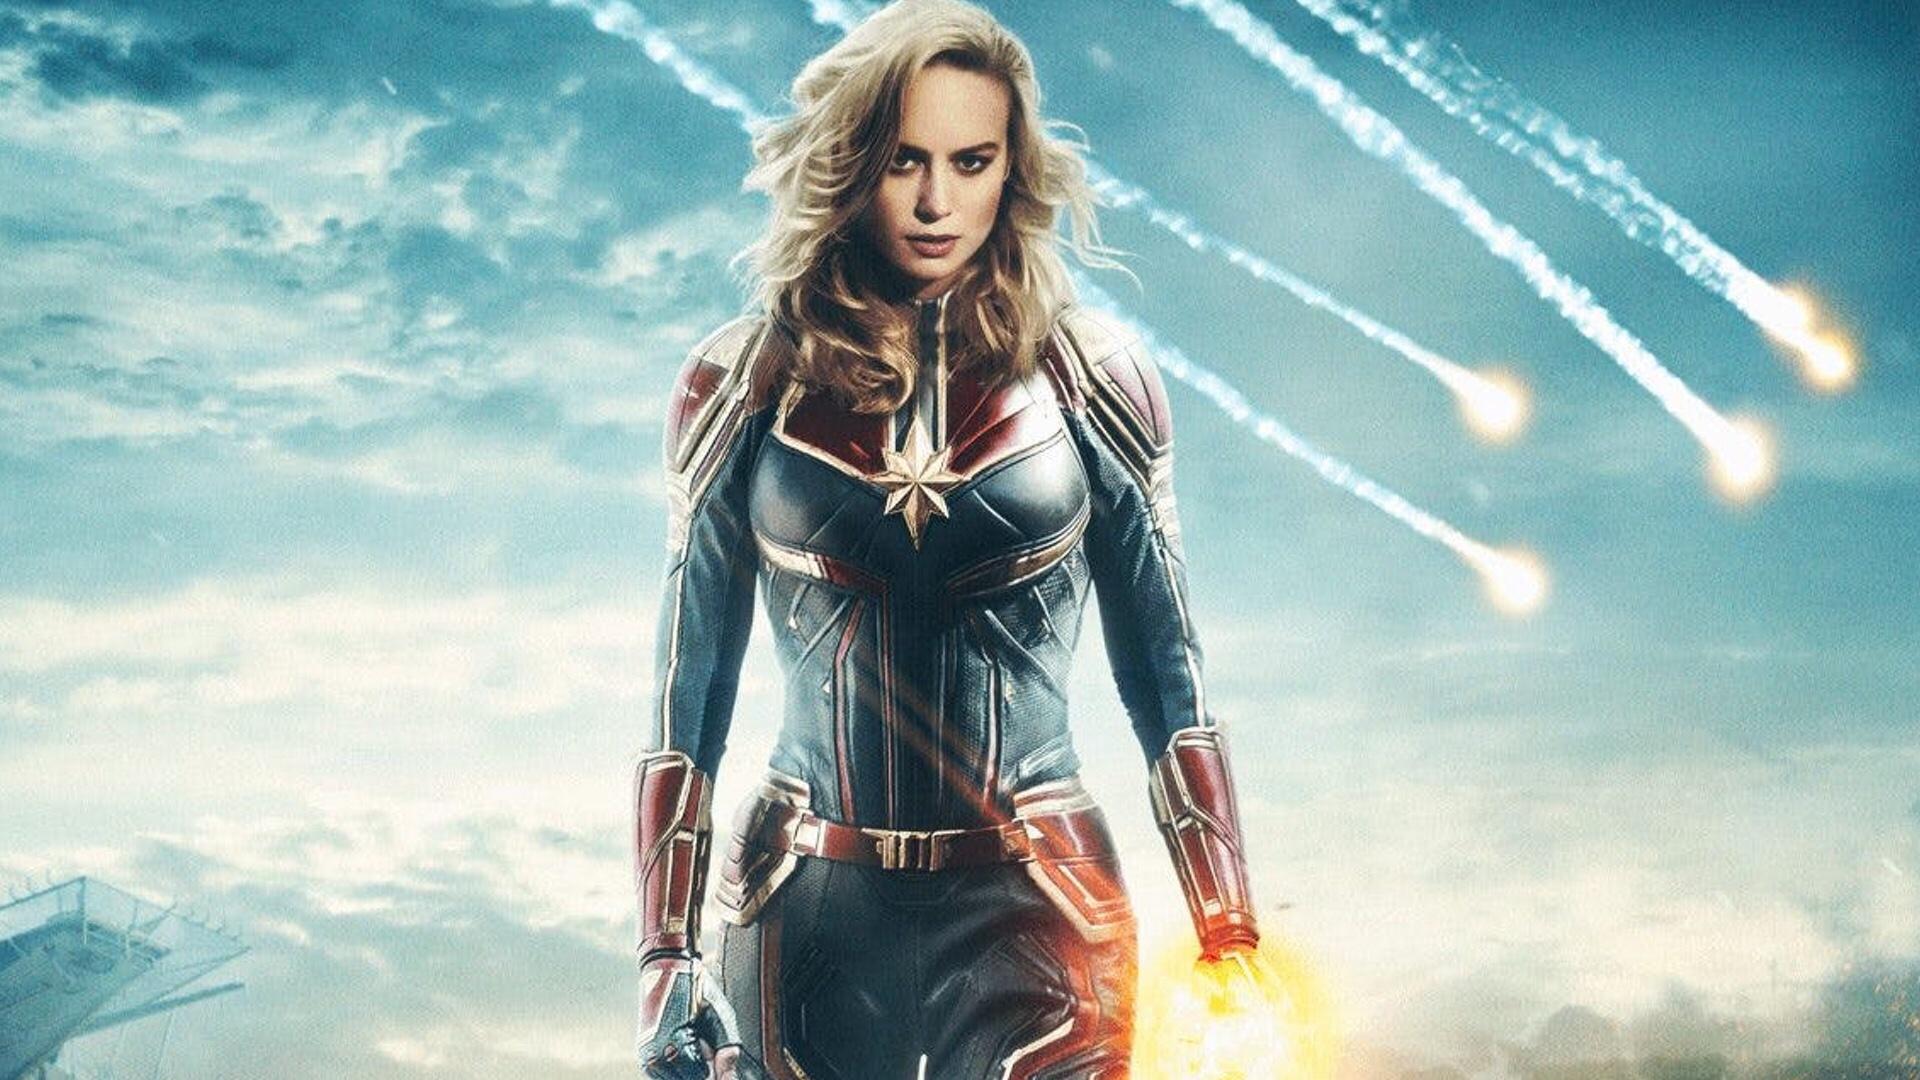 """Starka reaktioner till 'Captain Marvel'-trailern: """"Jag tror att jag sett den 100 gånger"""""""